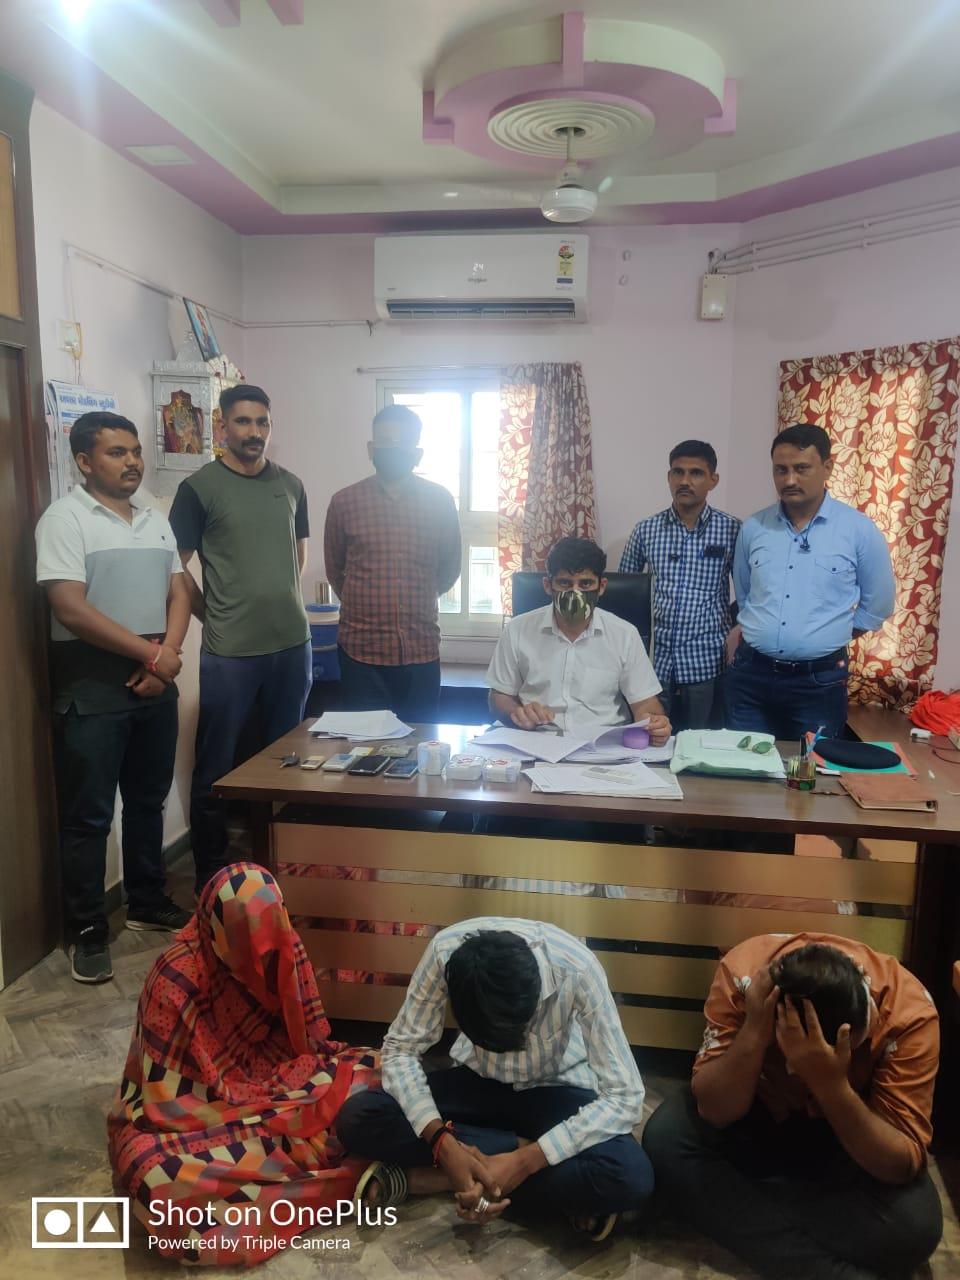 બનાસકાંઠાના થરાદ પાસેથી ચાર લાખના ડ્રગ્સ સાથે મહિલા સહિત ત્રણ ઝડપાયા, પોલીસે ગાડી સહિત કુલ રૂ.9.13 લાખનો મુદ્દામાલ જપ્ત કર્યો|પાલનપુર (બનાસકાંઠા),Palanpur (Banaskantha) - Divya Bhaskar